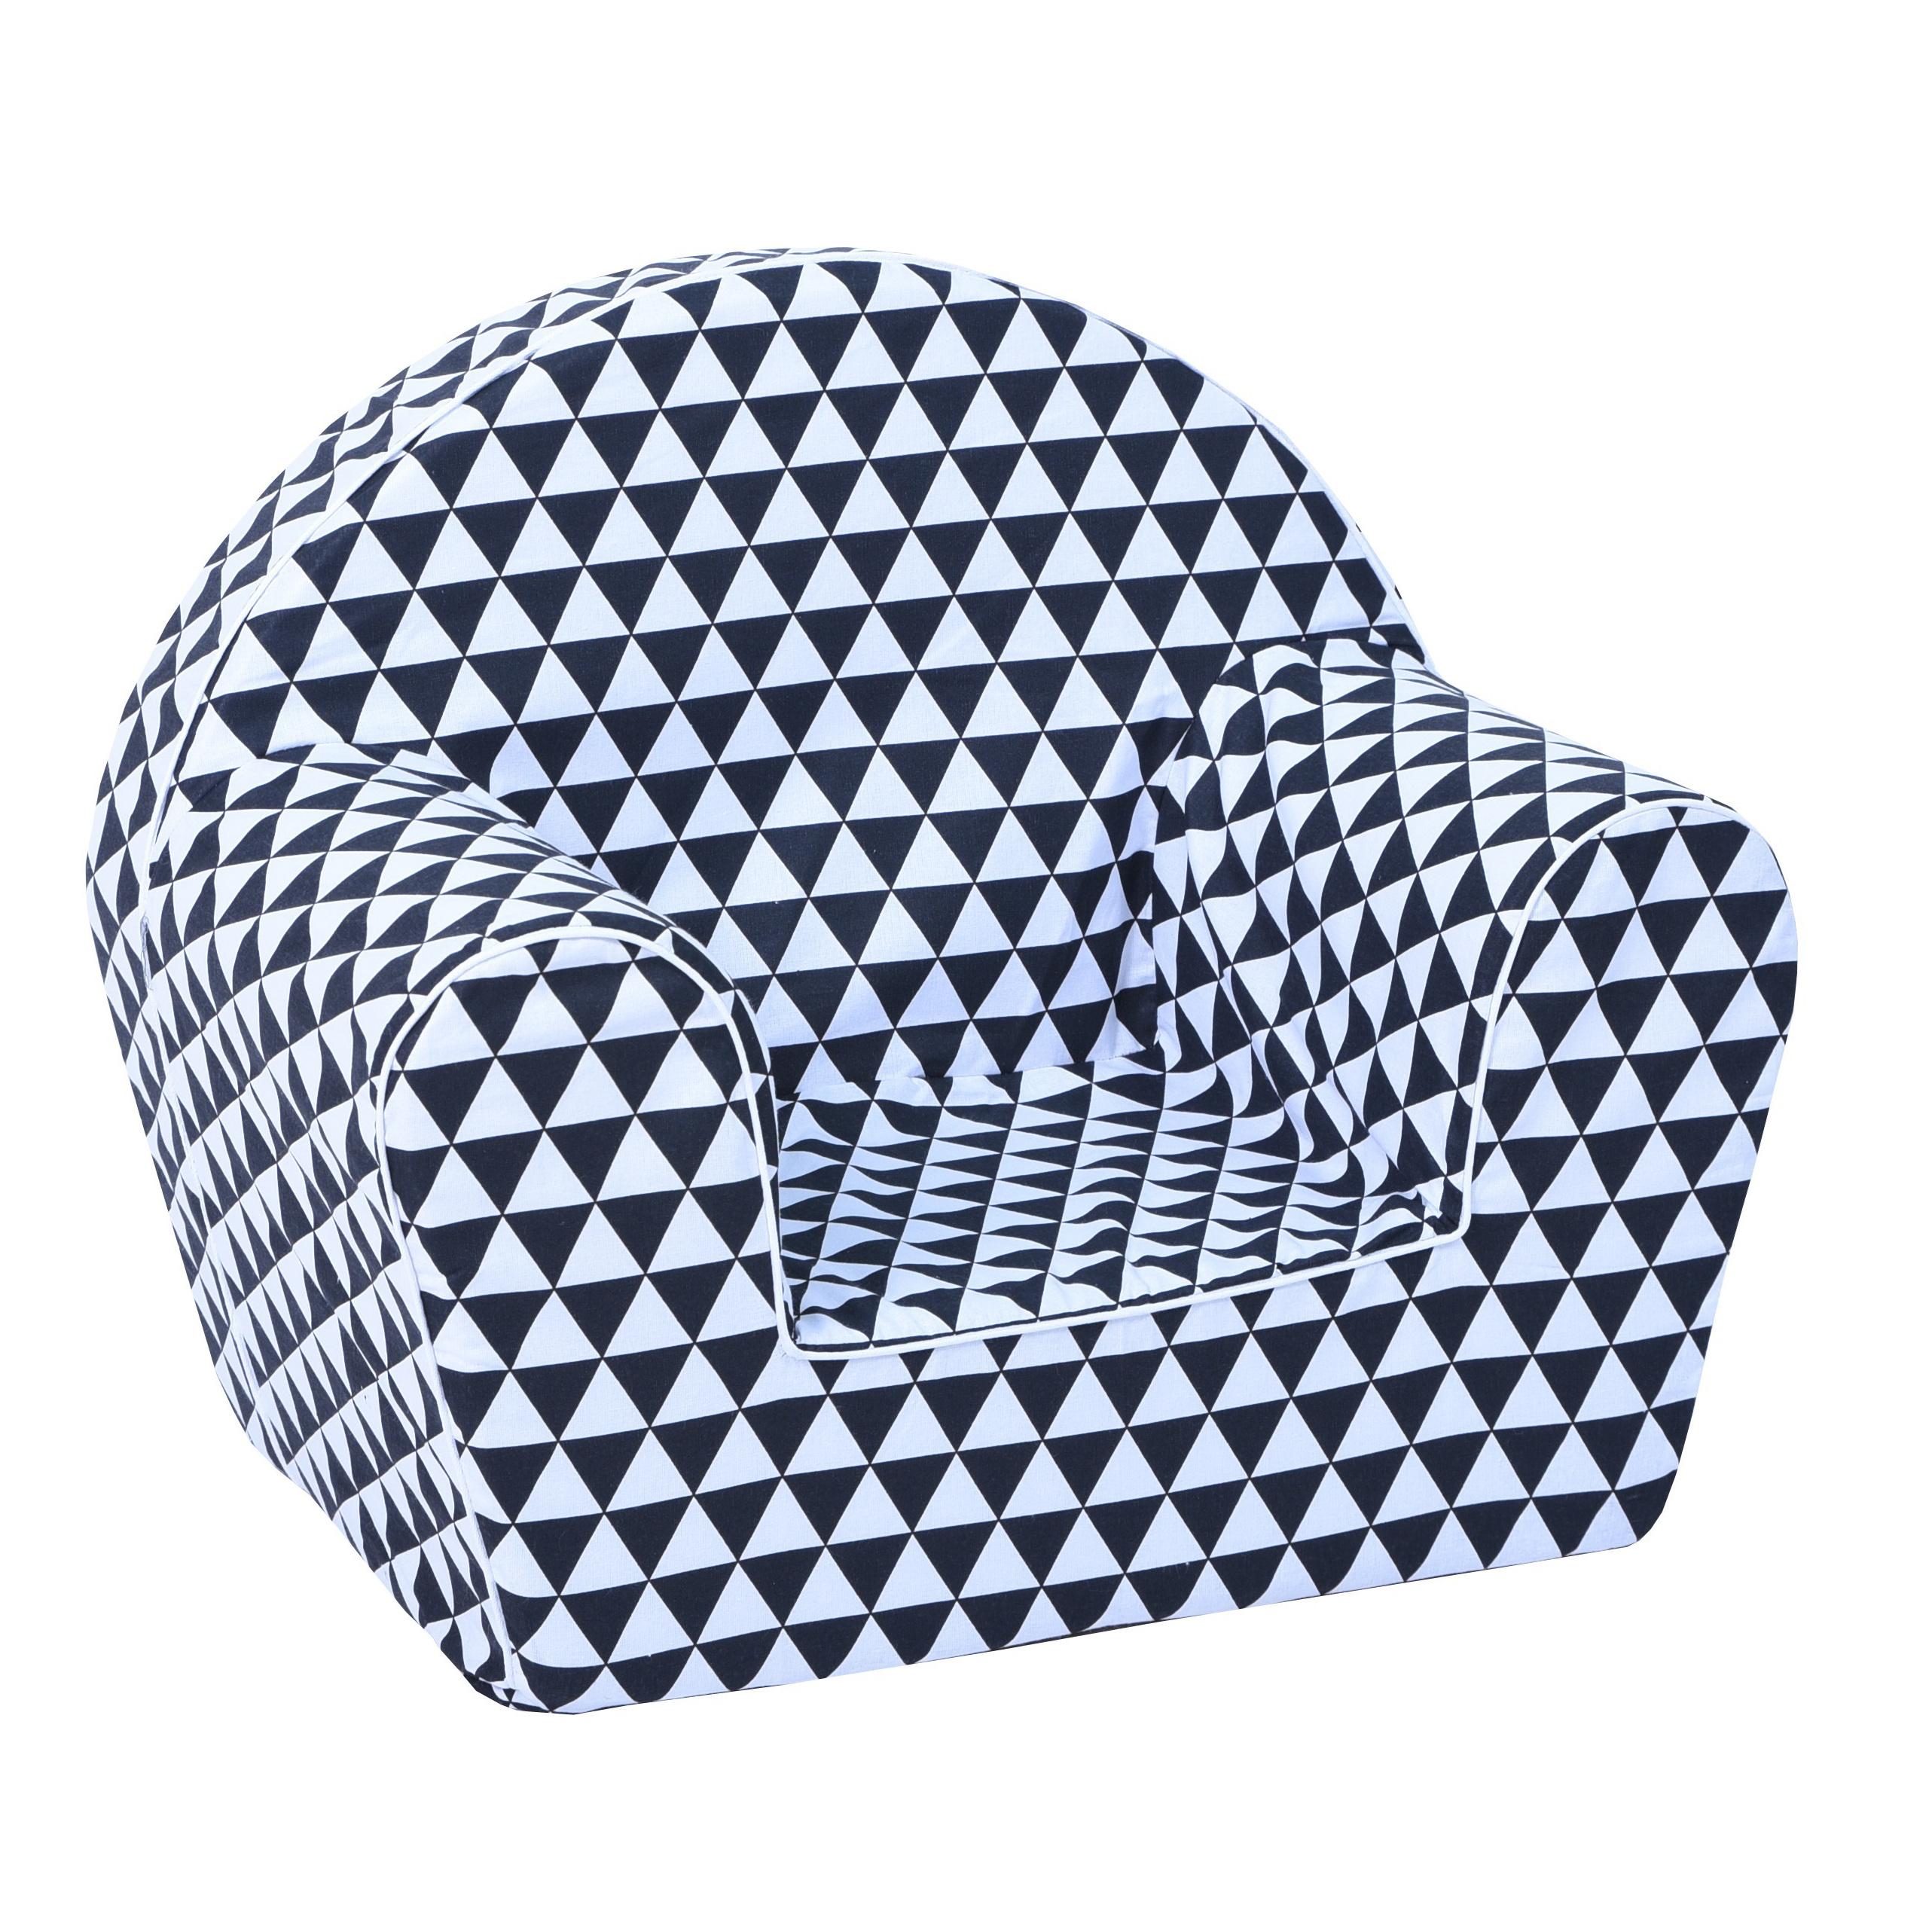 Dětské křesílko trojúhelníky